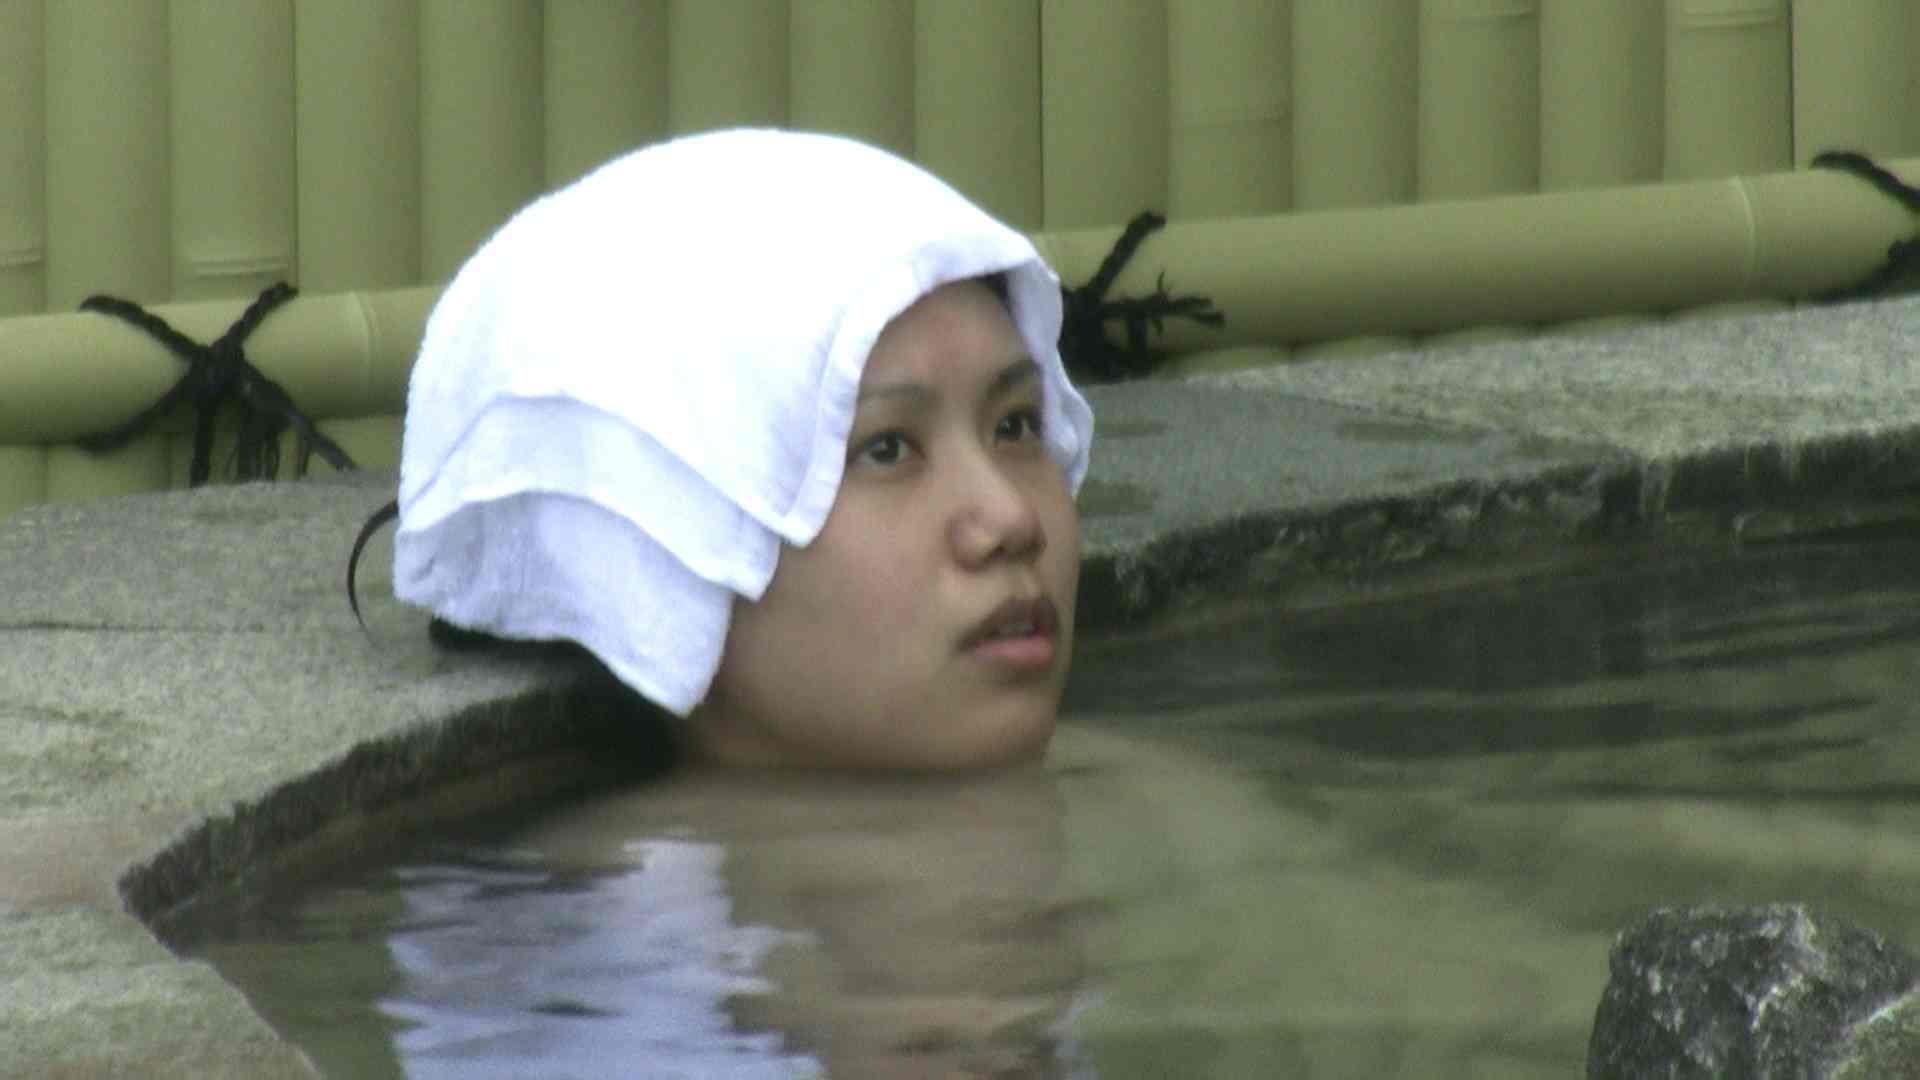 Aquaな露天風呂Vol.669 盗撮シリーズ  85PIX 36